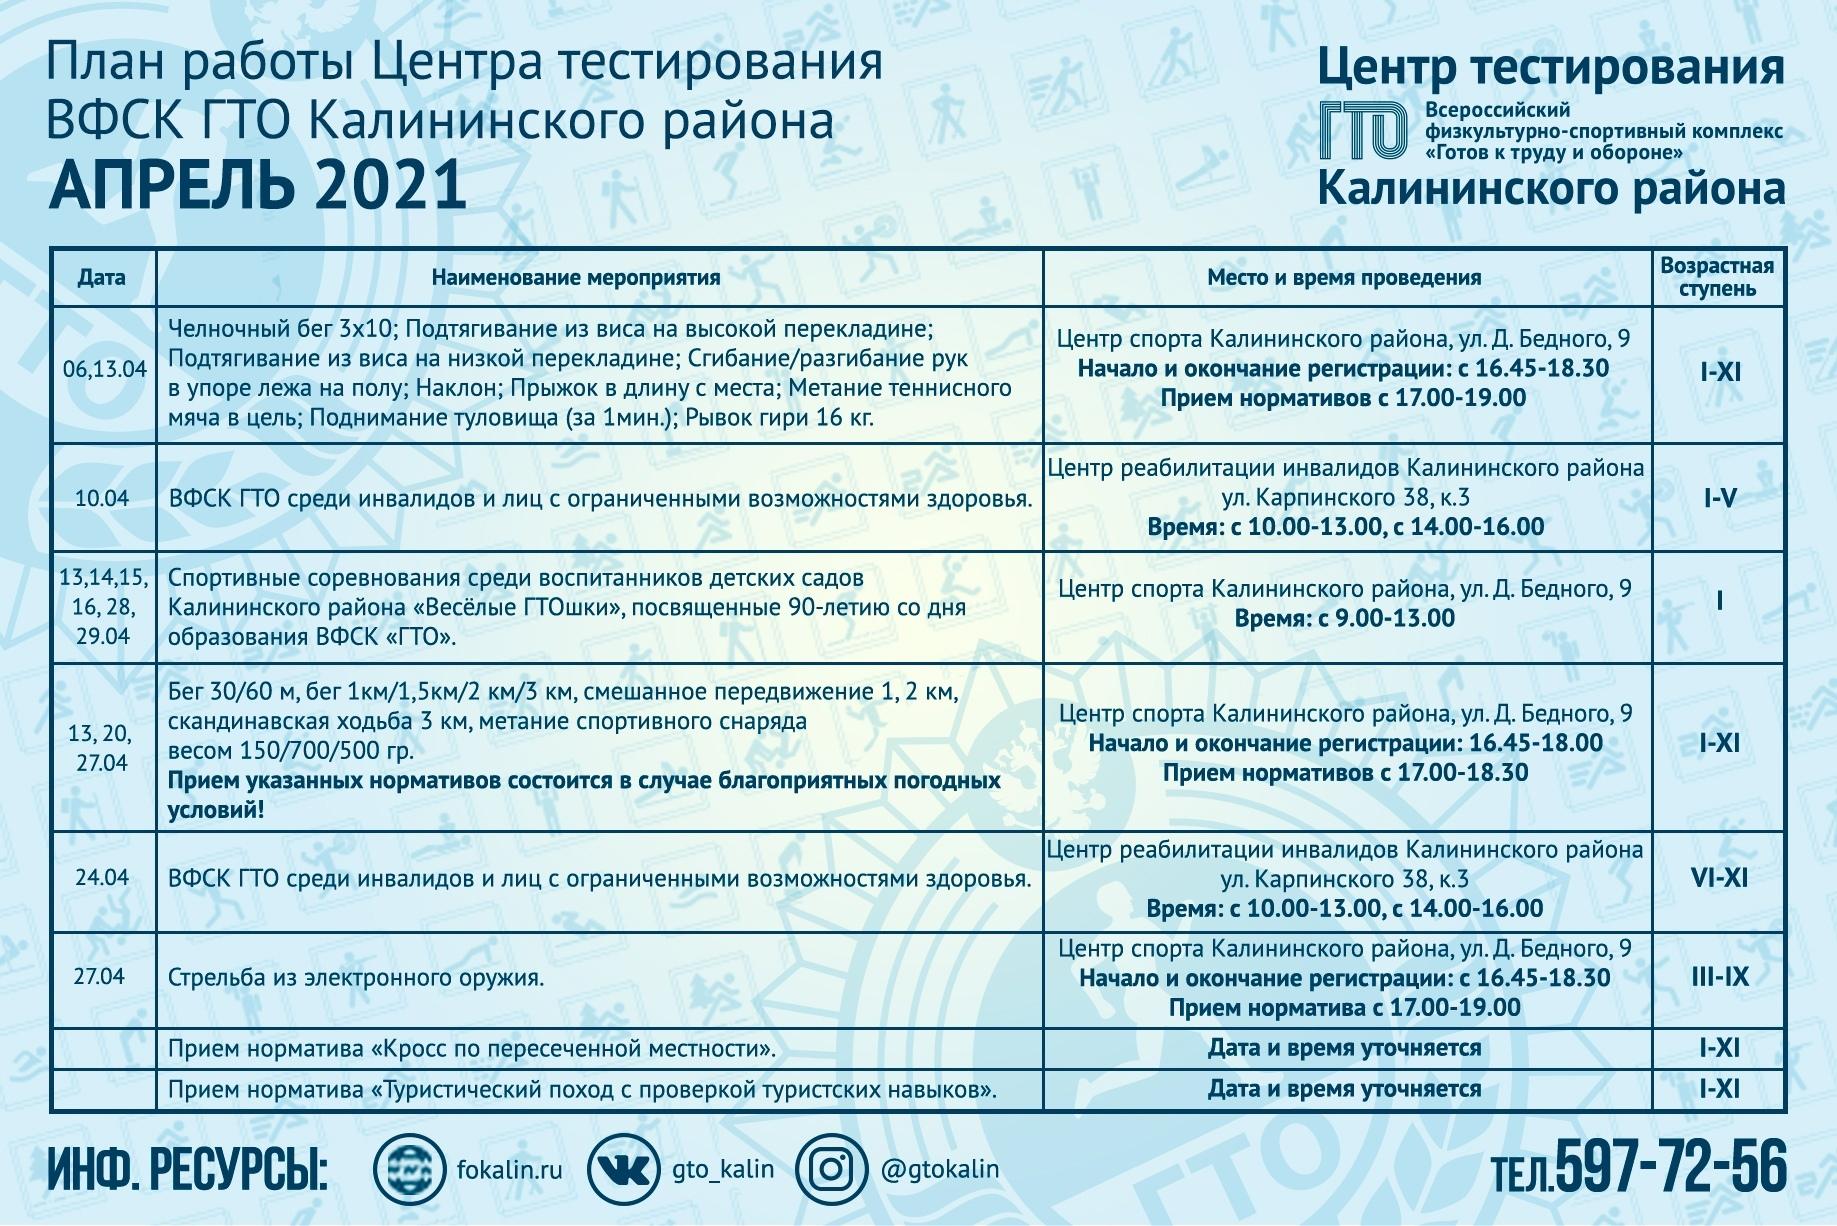 Представляем вашему вниманию календарь ГТО на АПРЕЛЬ 2021